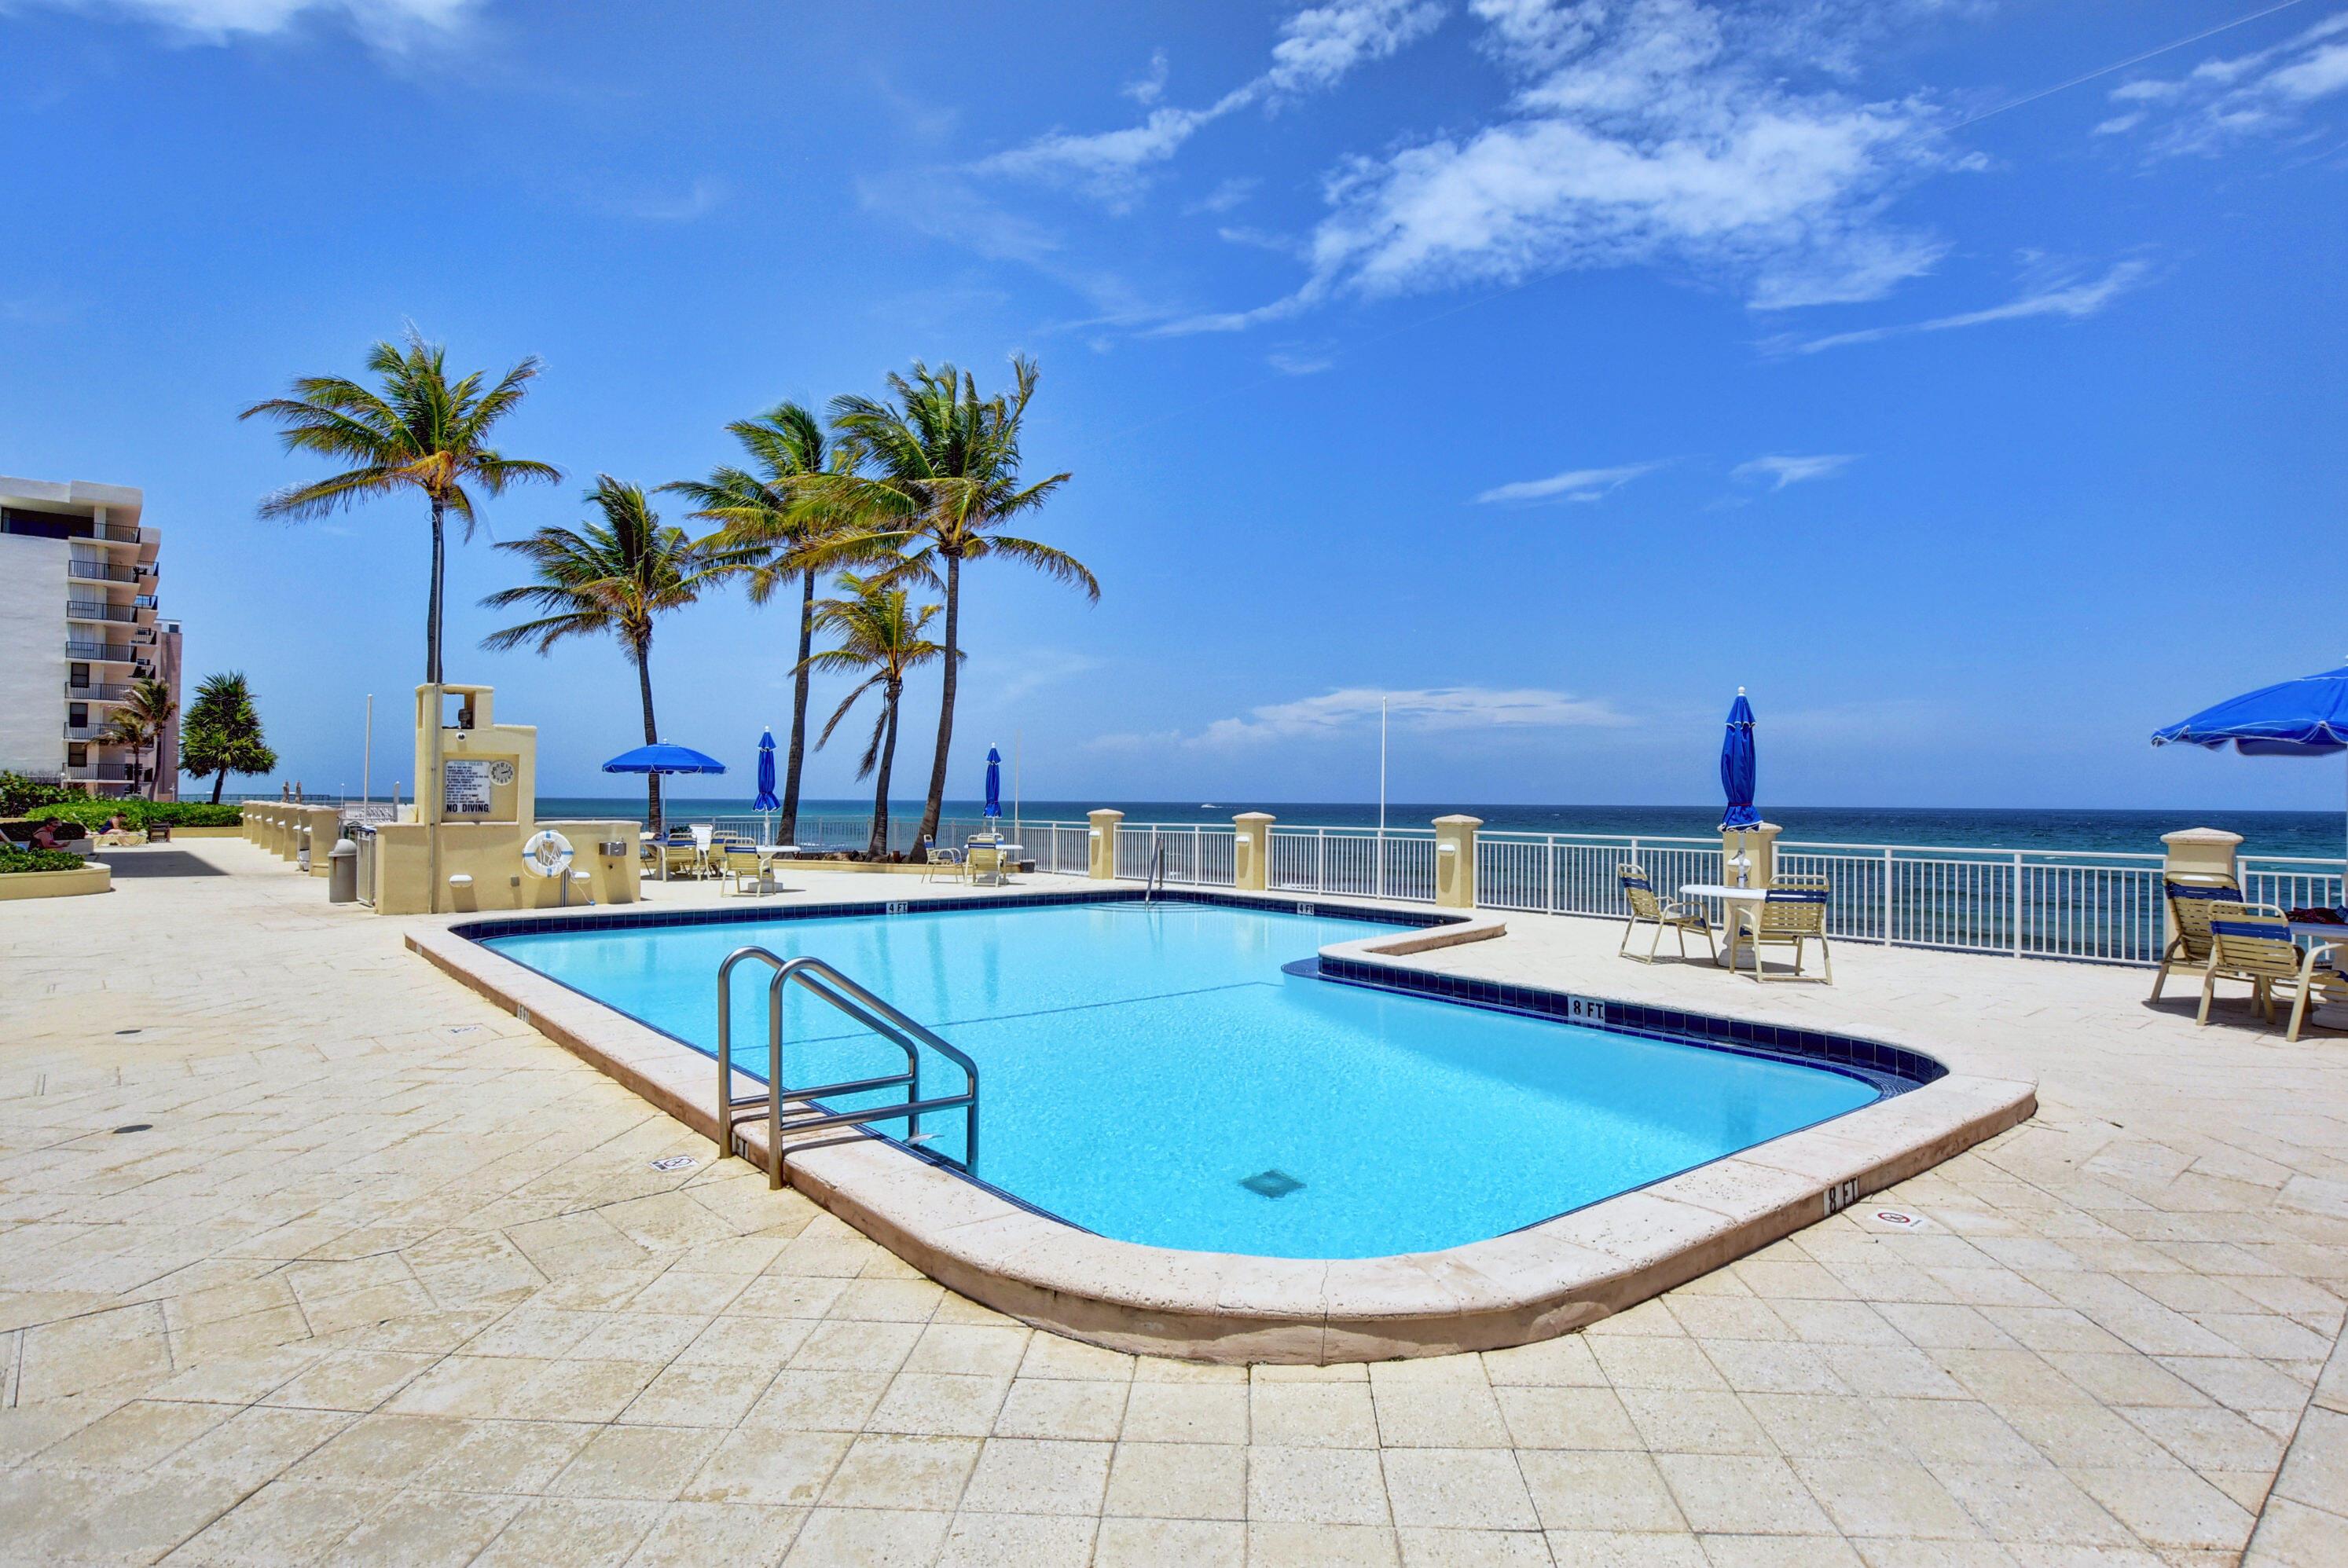 3475 S Ocean Boulevard #210 - 33480 - FL - Palm Beach